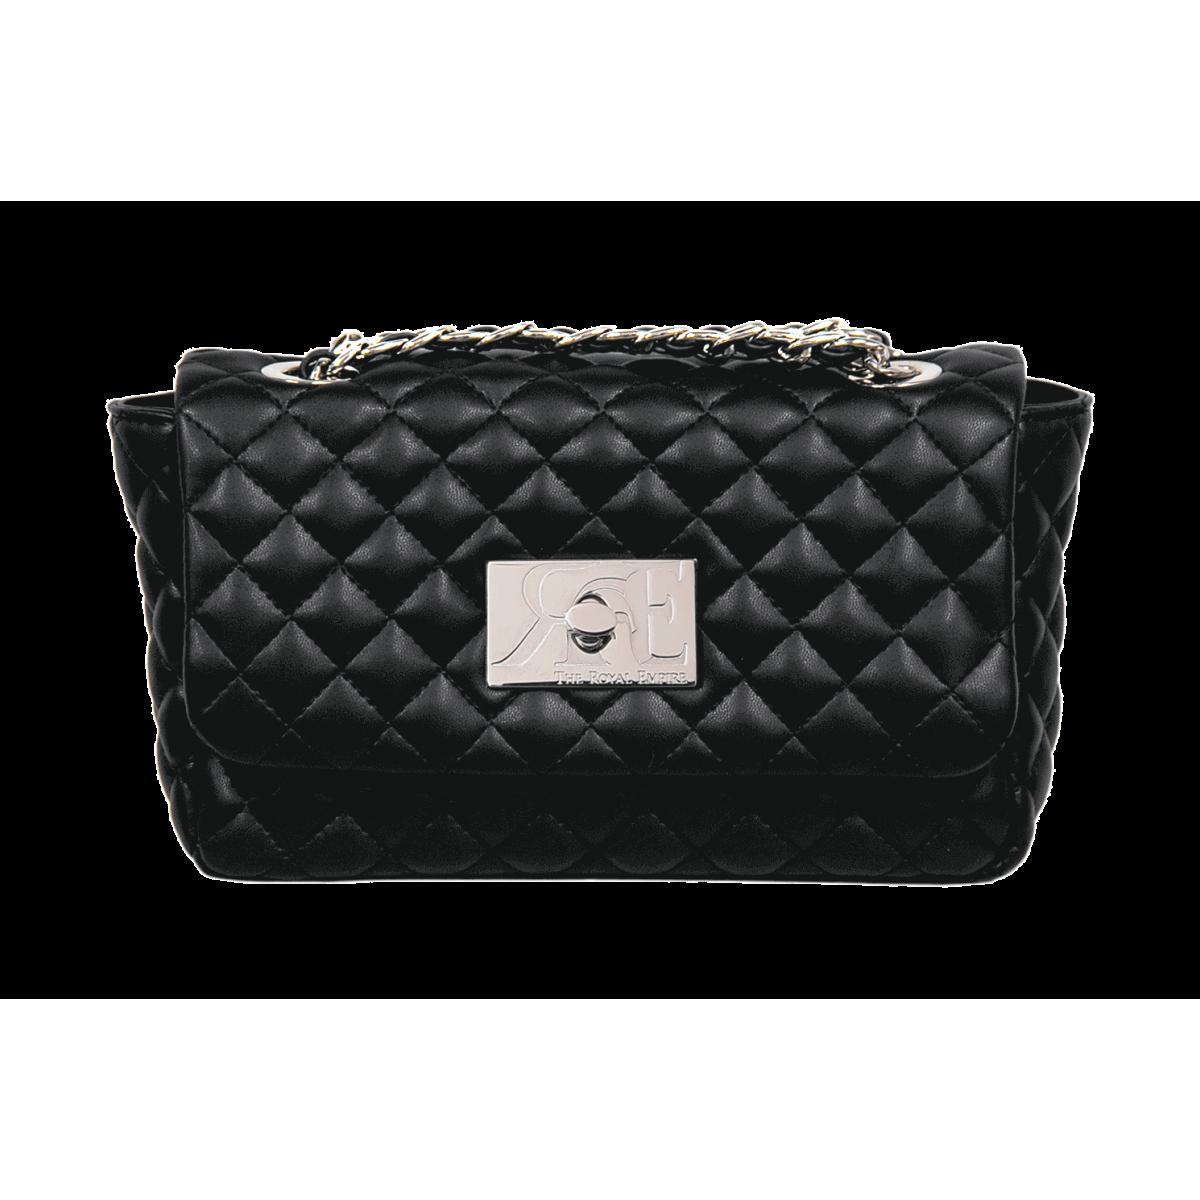 SL - Class Medium Shoulder Bag